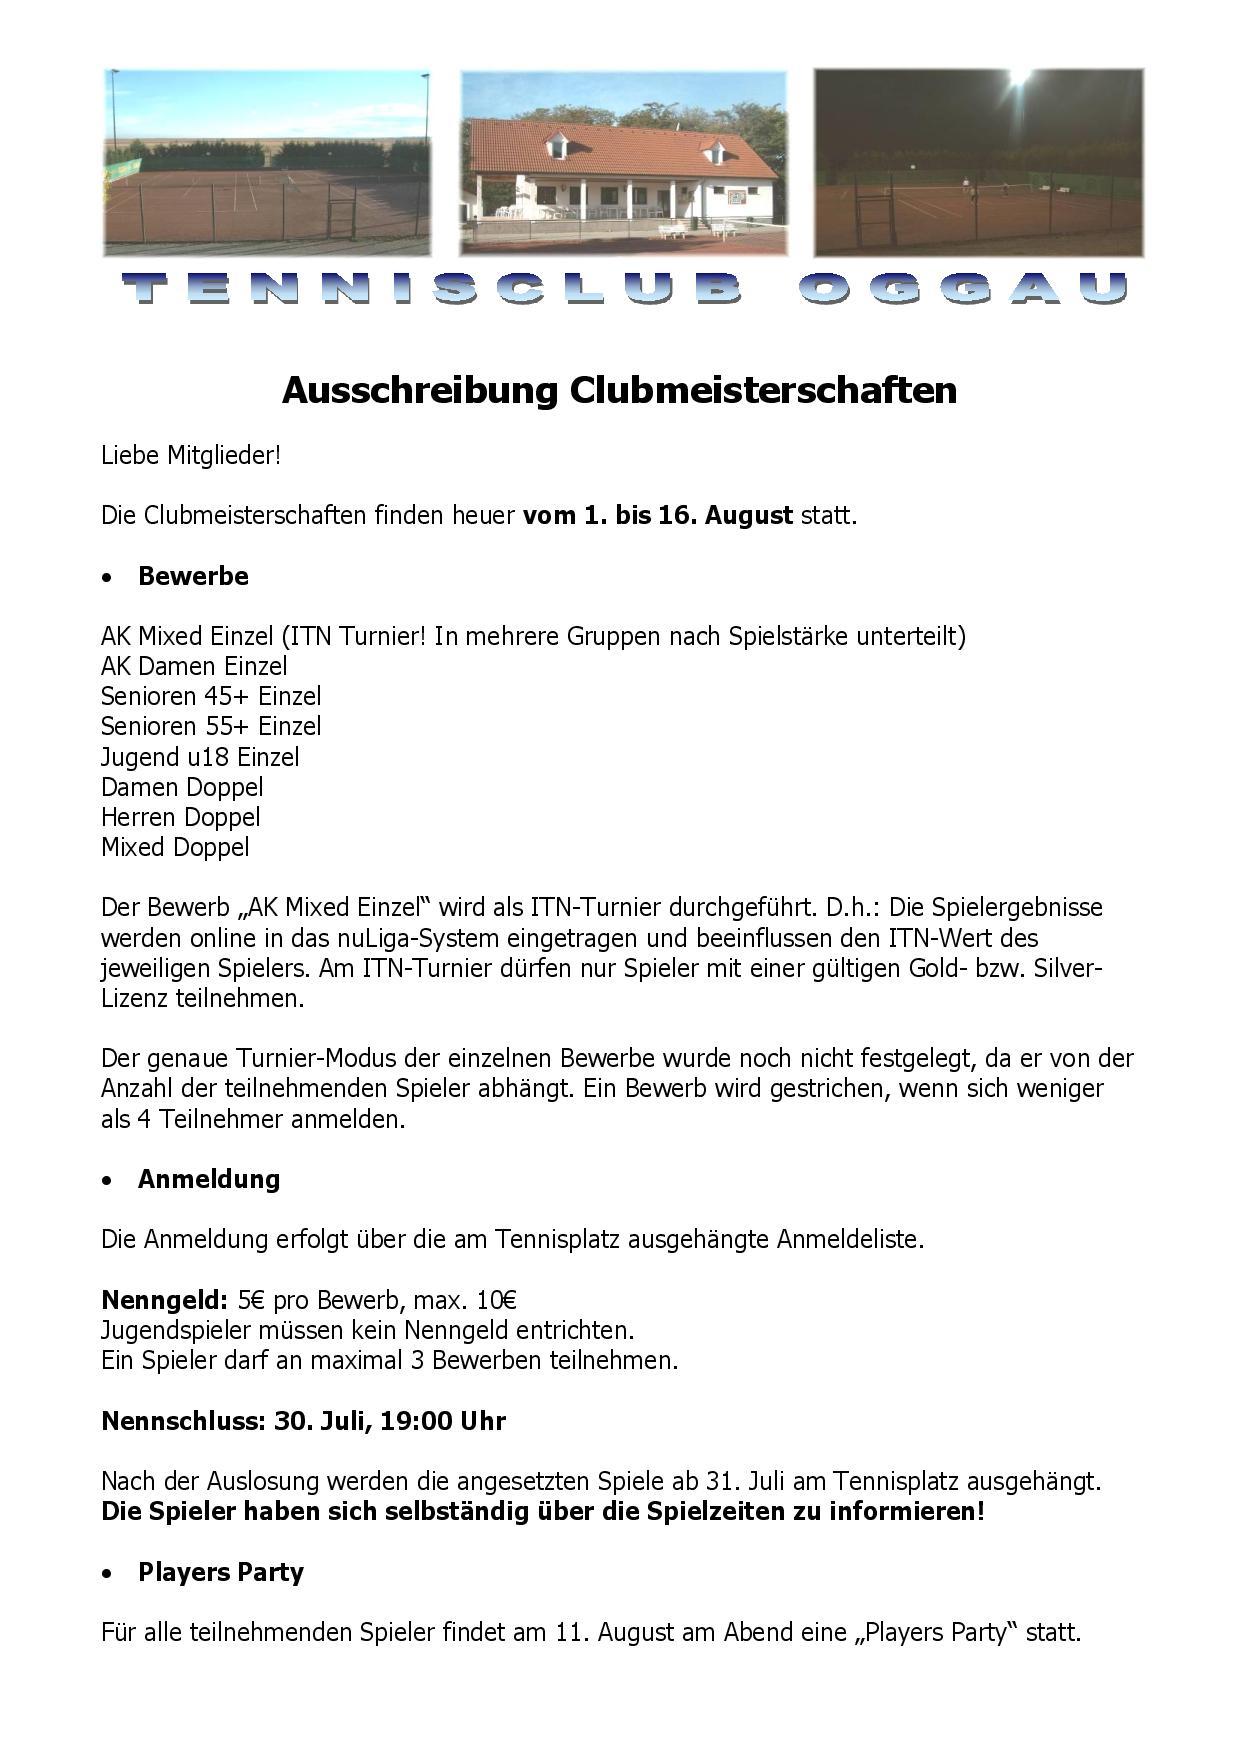 Ausschreibung Clubmeisterschaften 2015-page-001